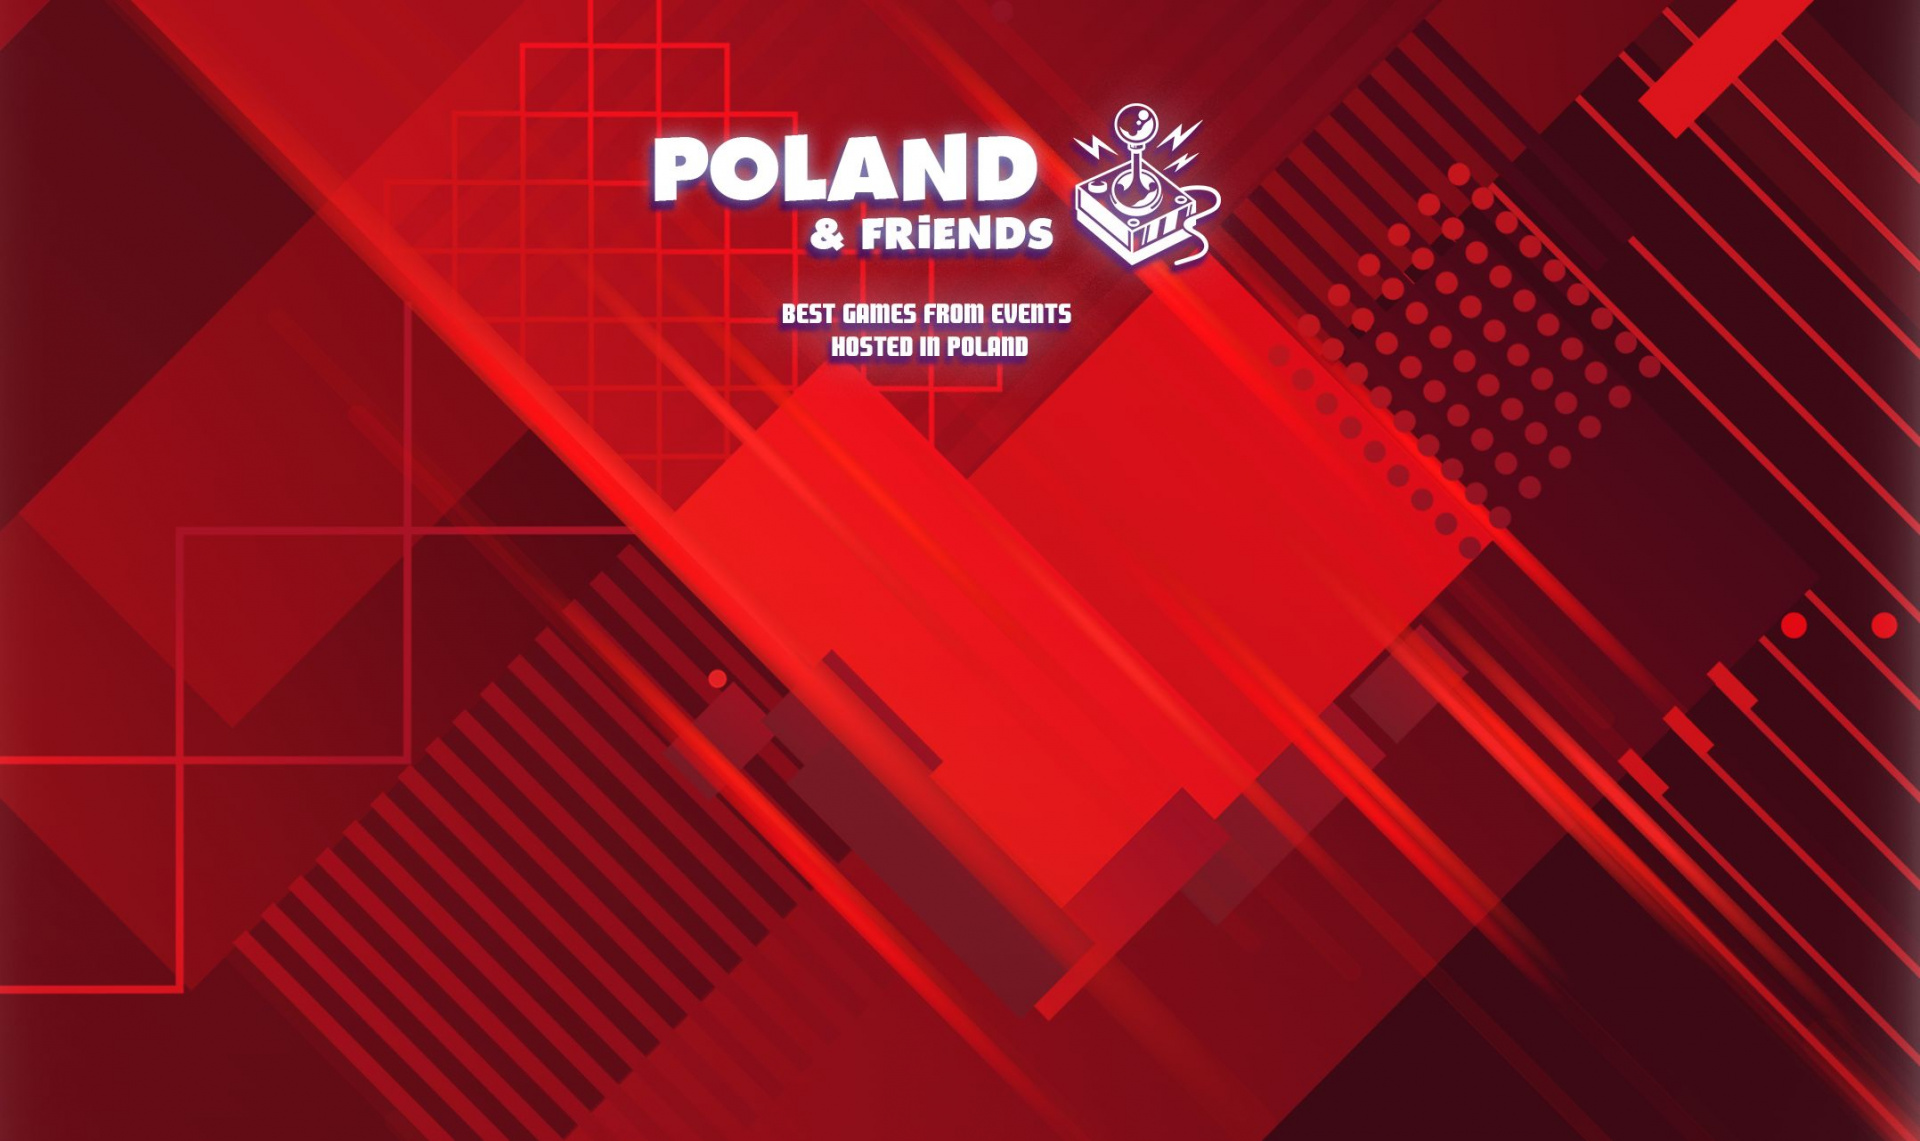 В Steam стартовал фестиваль Poland & Friends, посвящённый игровым событиям года